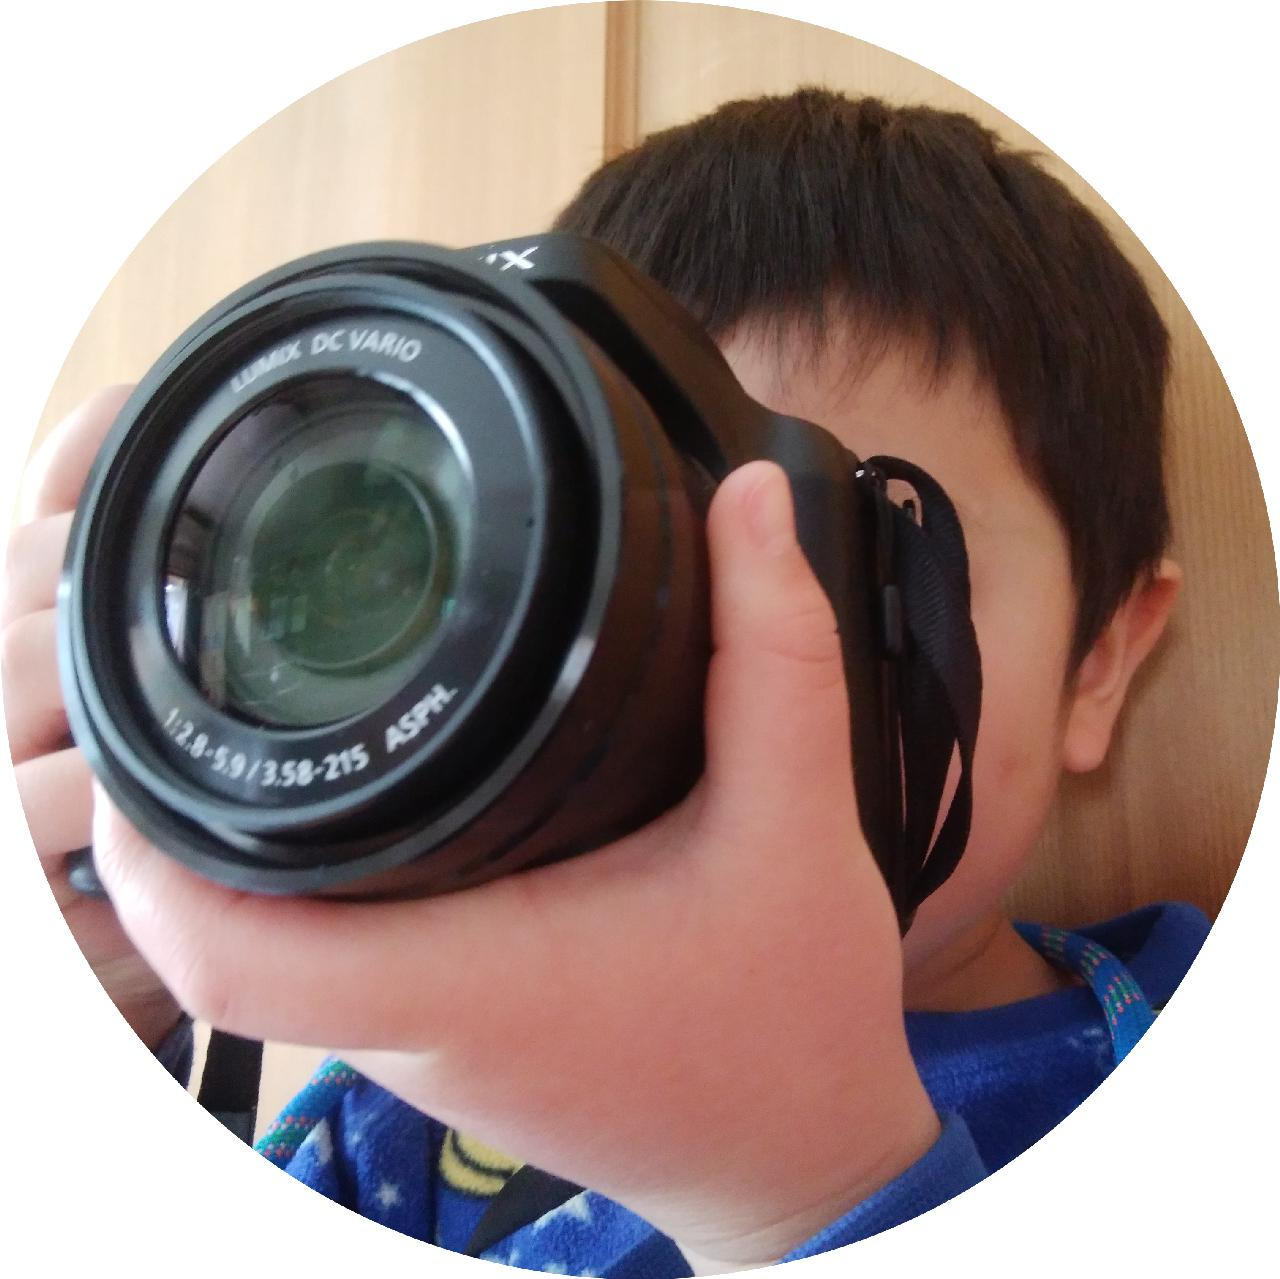 画像2: 【イチオシ】子供と一緒に楽しめる外遊び道具! デカトロン「ジオロジック フィニッシュスキットルズ」をレビュー